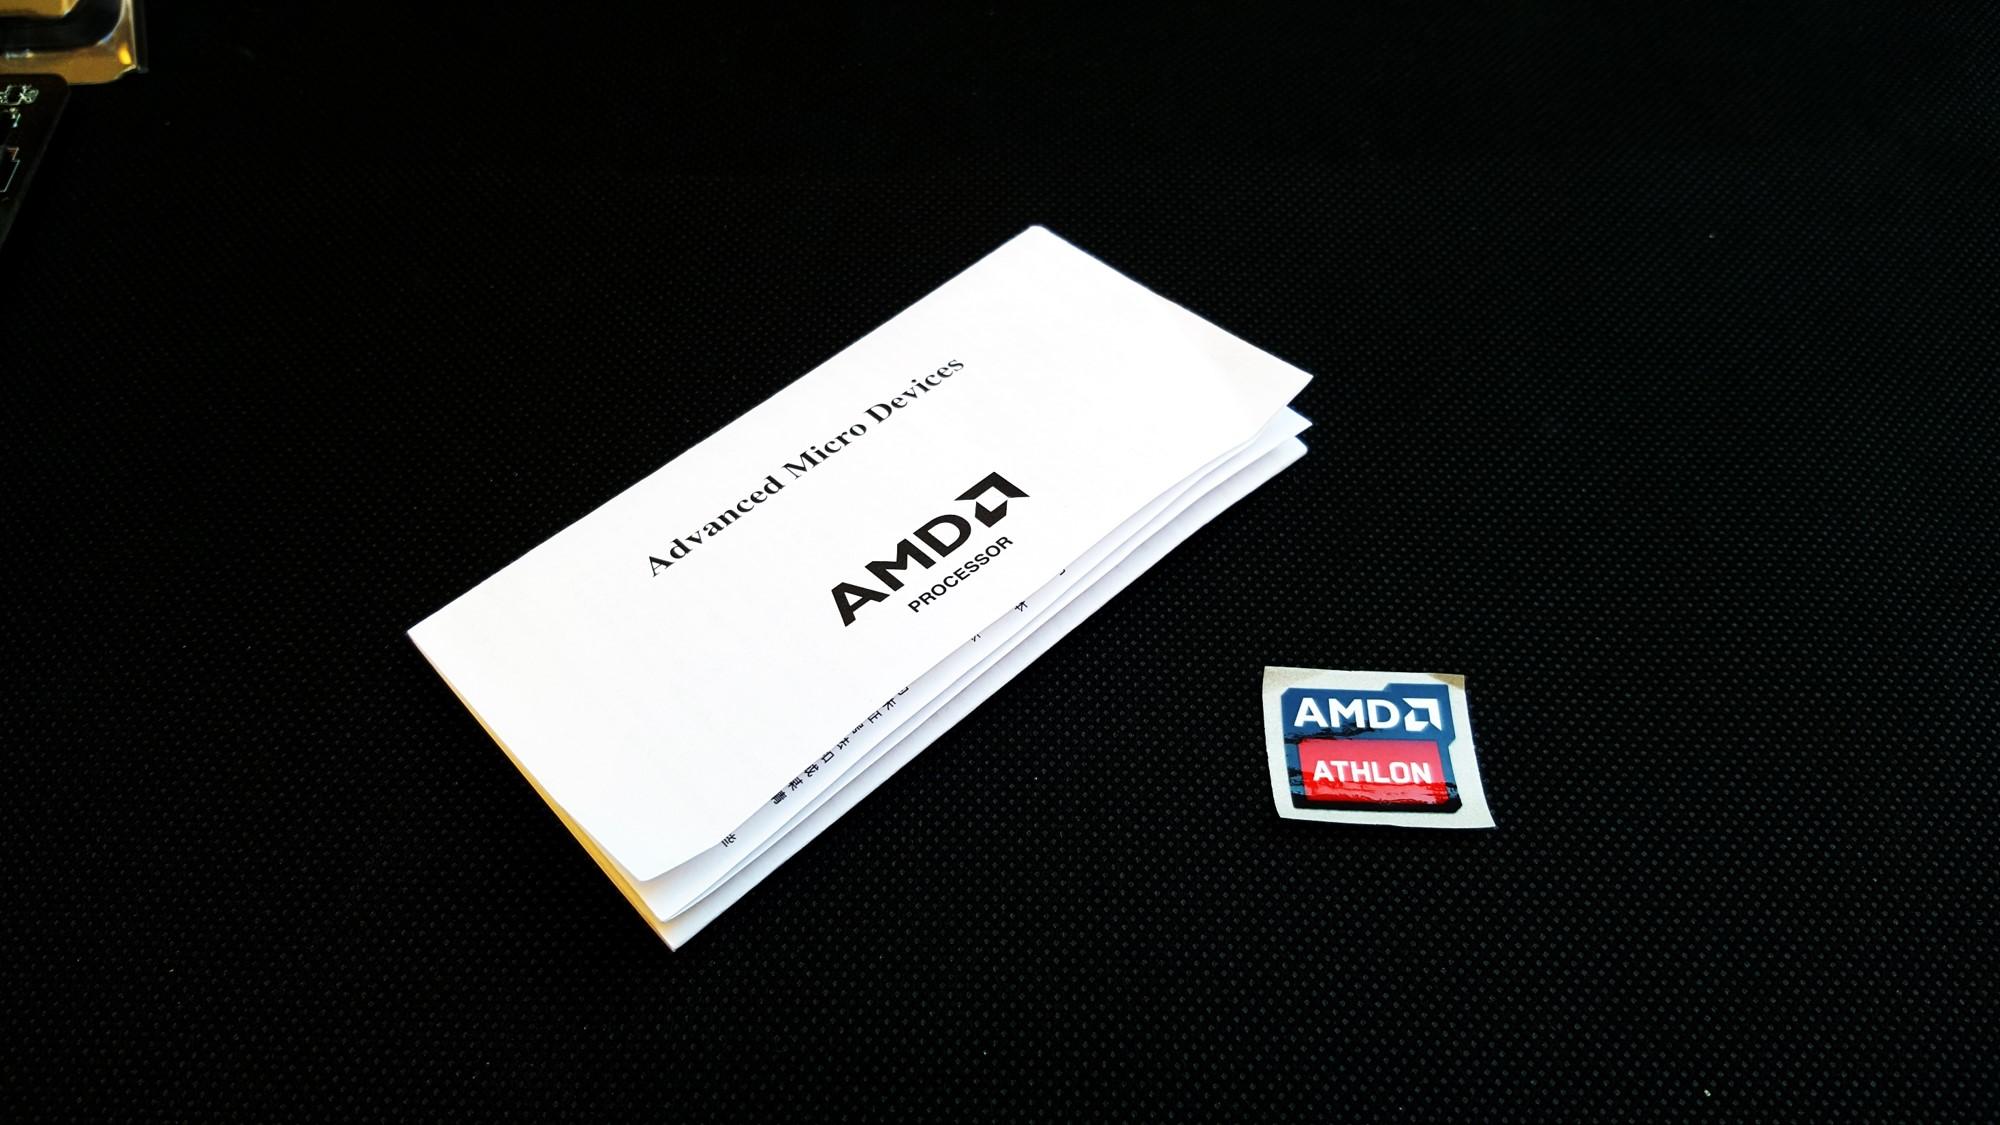 5-AMD Athlon X4 845K